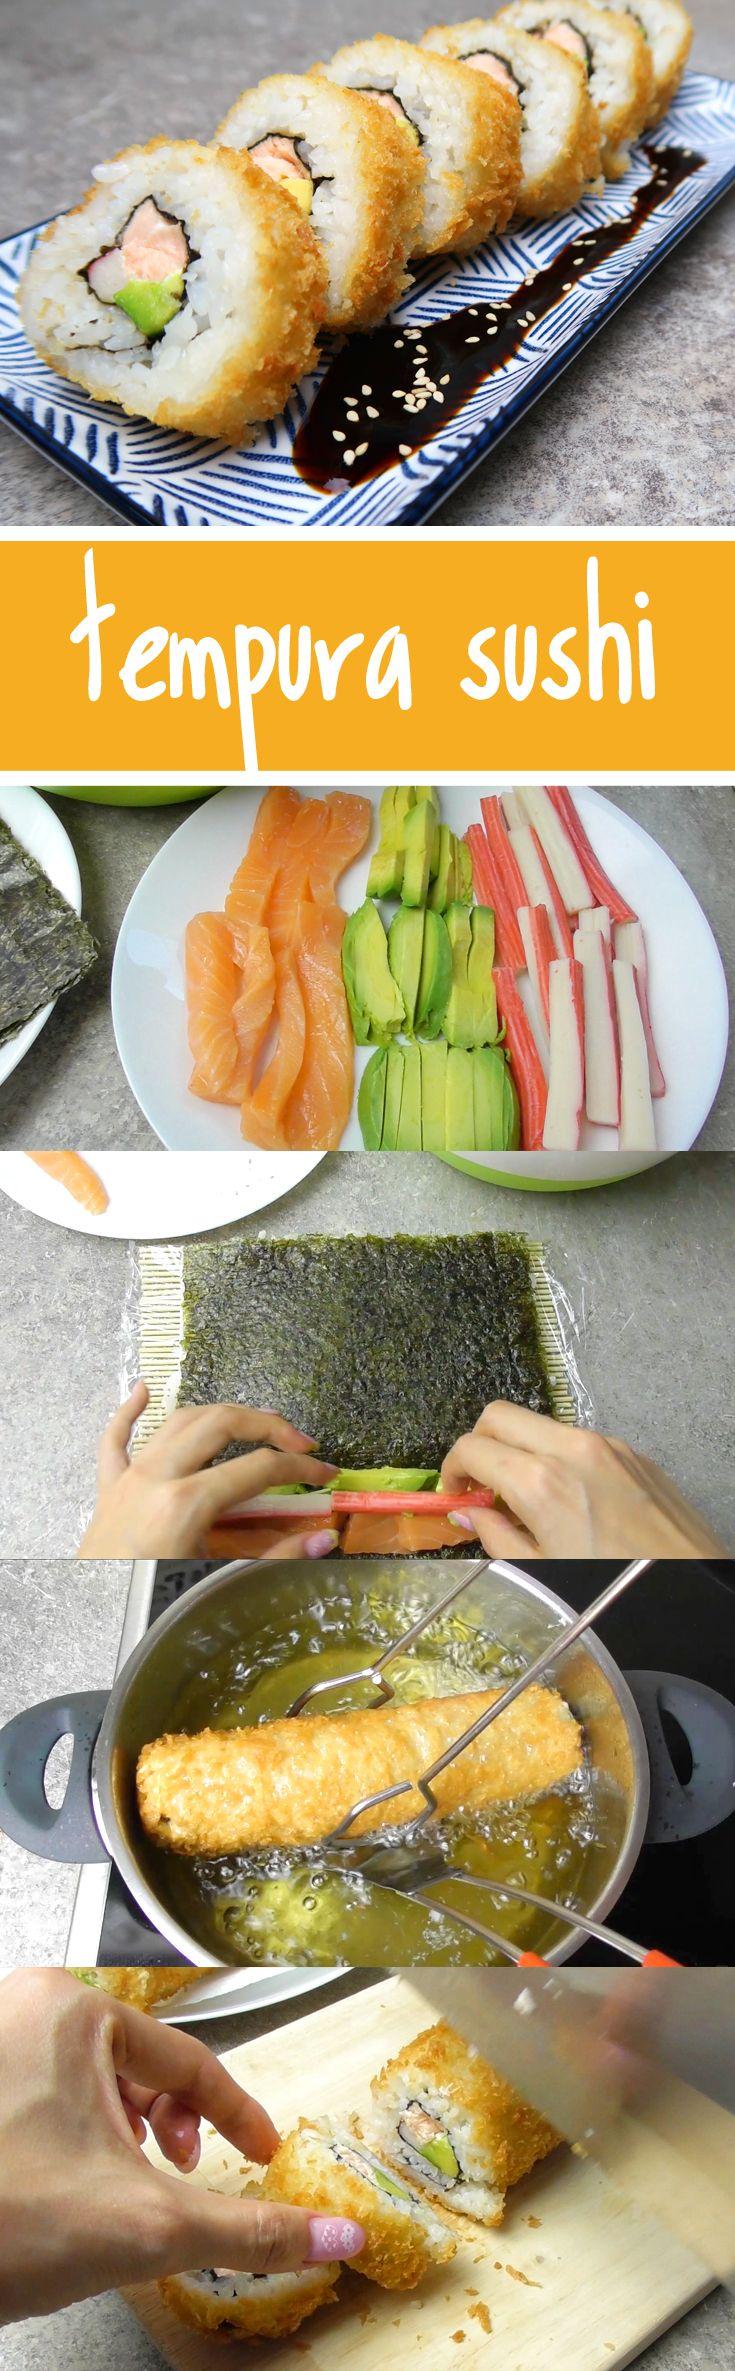 Für alle, die keinen rohen Fisch mögen, ist Tempura Sushi (frittiertes Sushi) eine gute Alternative. Das Rezept dazu ist gar nicht so schwer, im Video zeige ich euch Schritt für Schritt, wie einfach Japanisch Kochen geht.